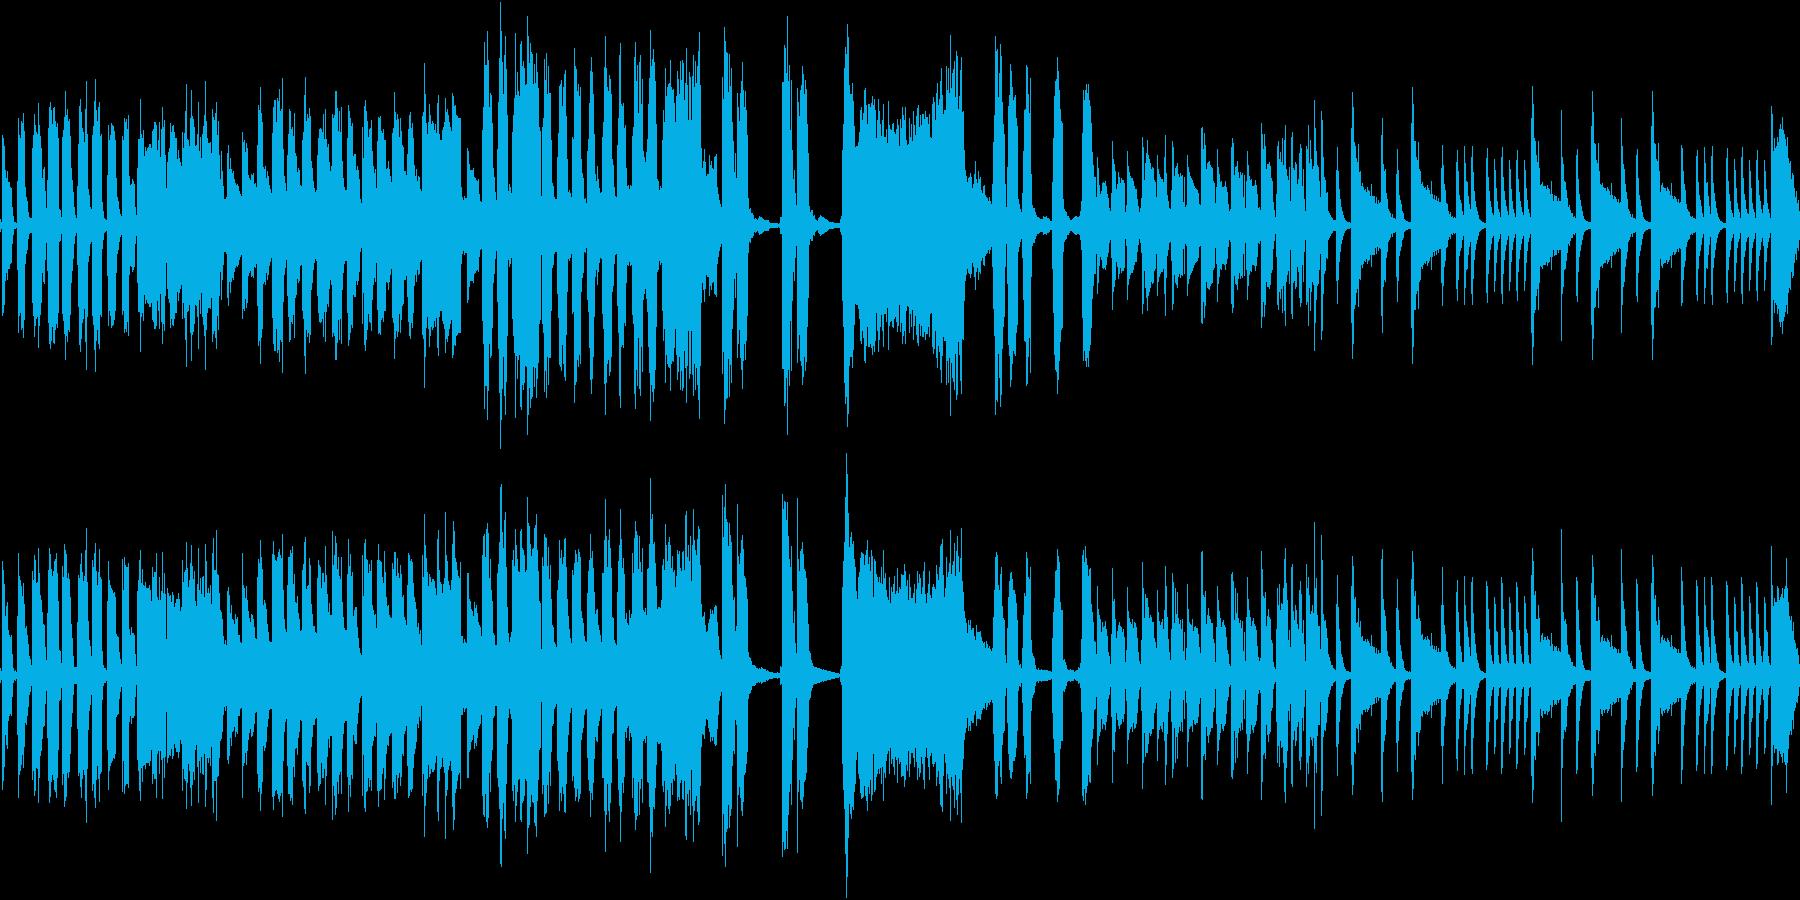 わくわくするマーチングバンド風(ループ)の再生済みの波形